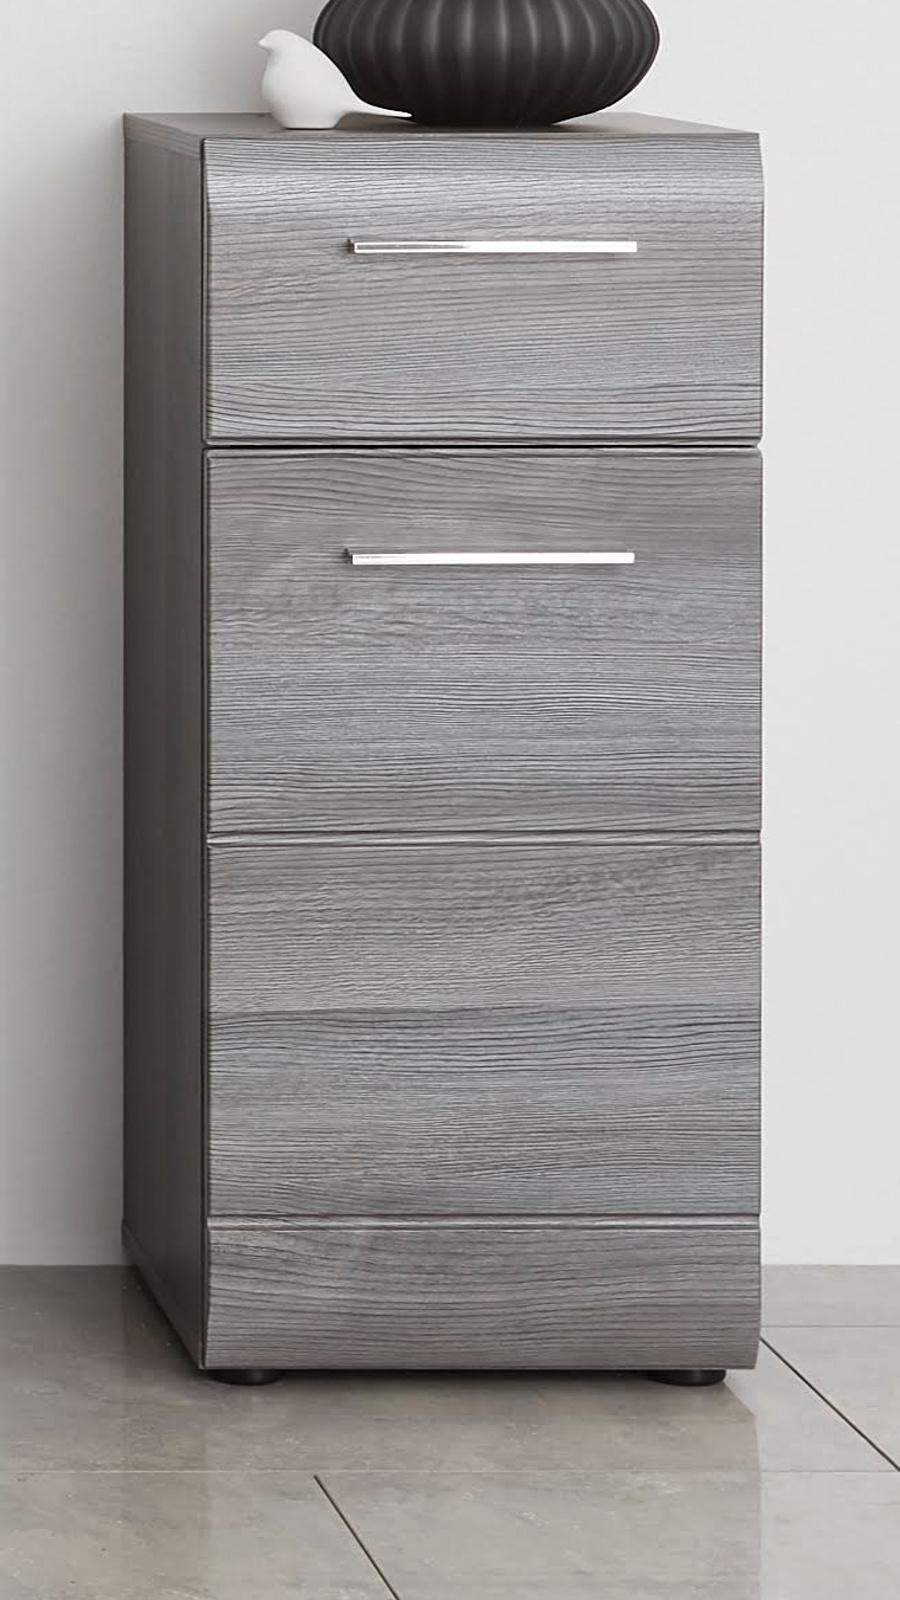 Badezimmer Unterschrank Line in Sardegna grau Rauchsilber Bad Kommode 9 x  9 cm Standschrank